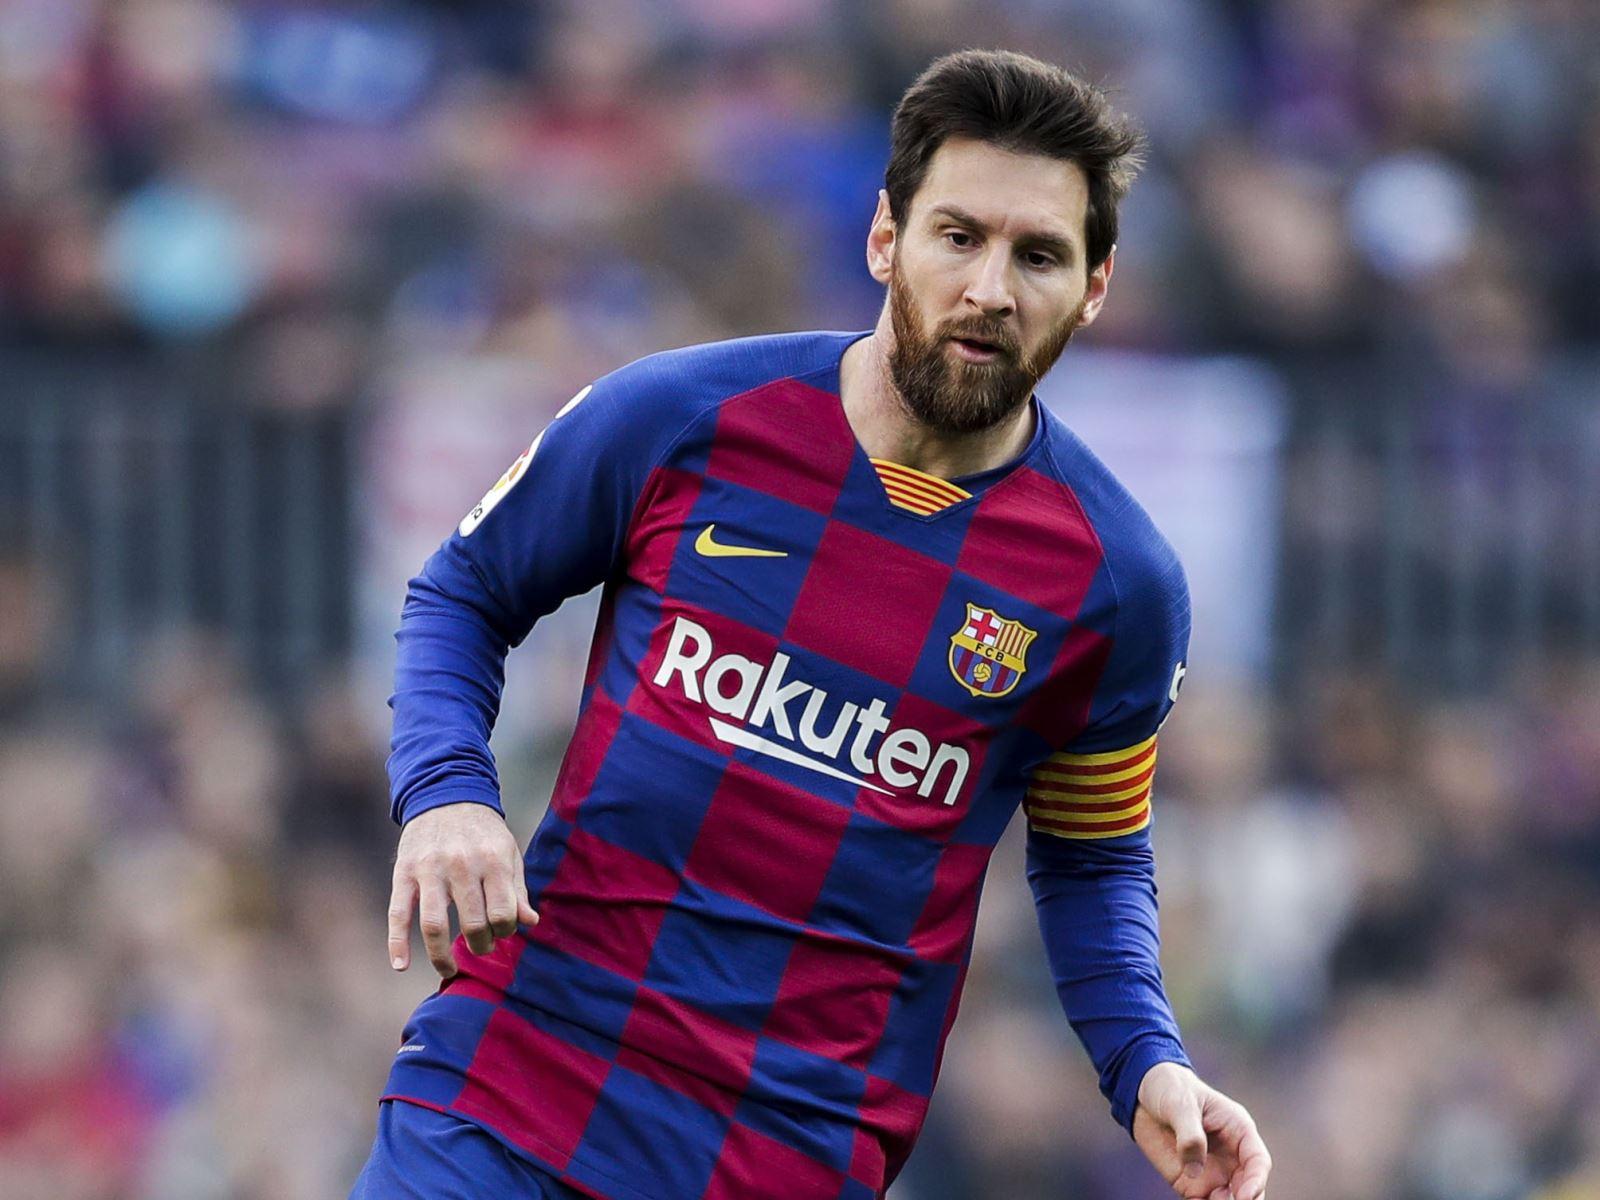 Trực tiếp bóng đá Barcelona vs Eibar (22h00, 22/2). Trực tiếp BĐTV, SSPORT